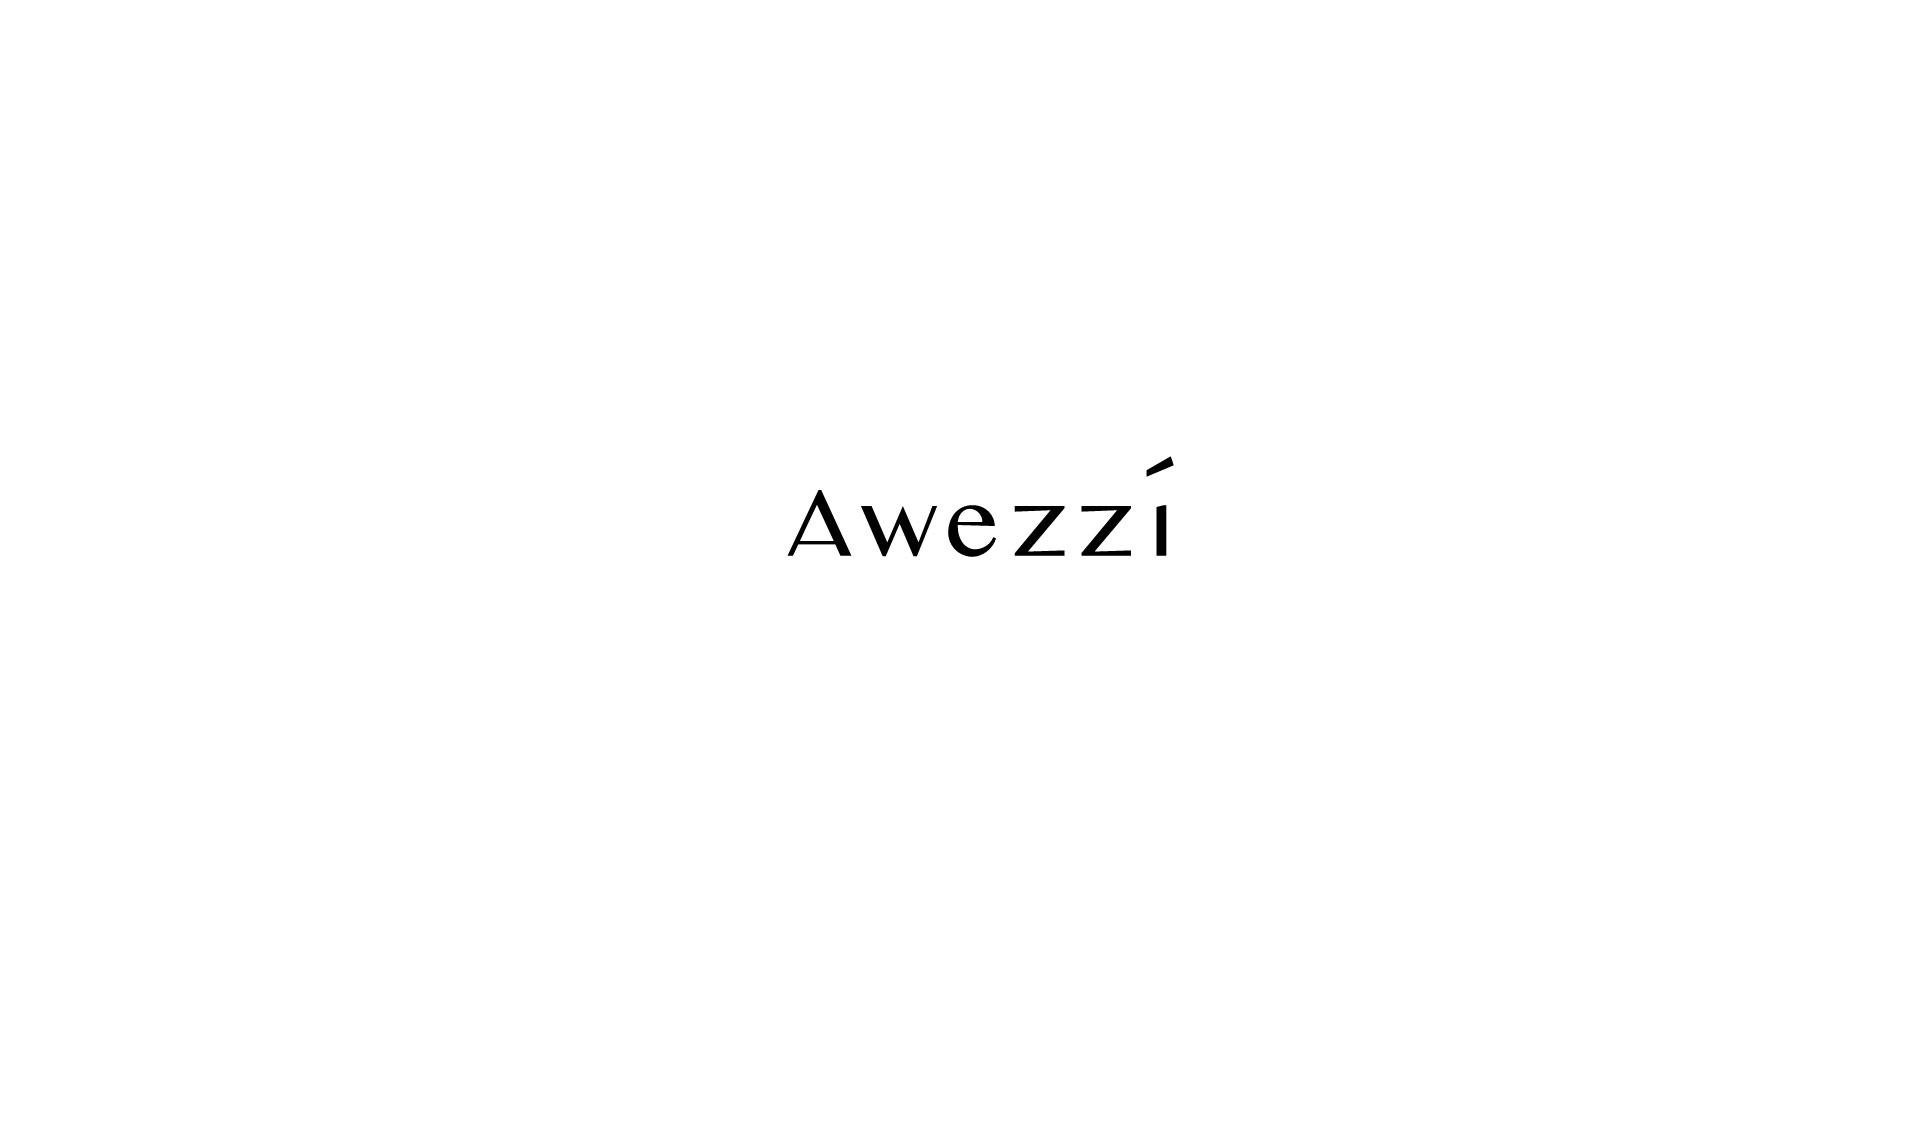 Awezzi